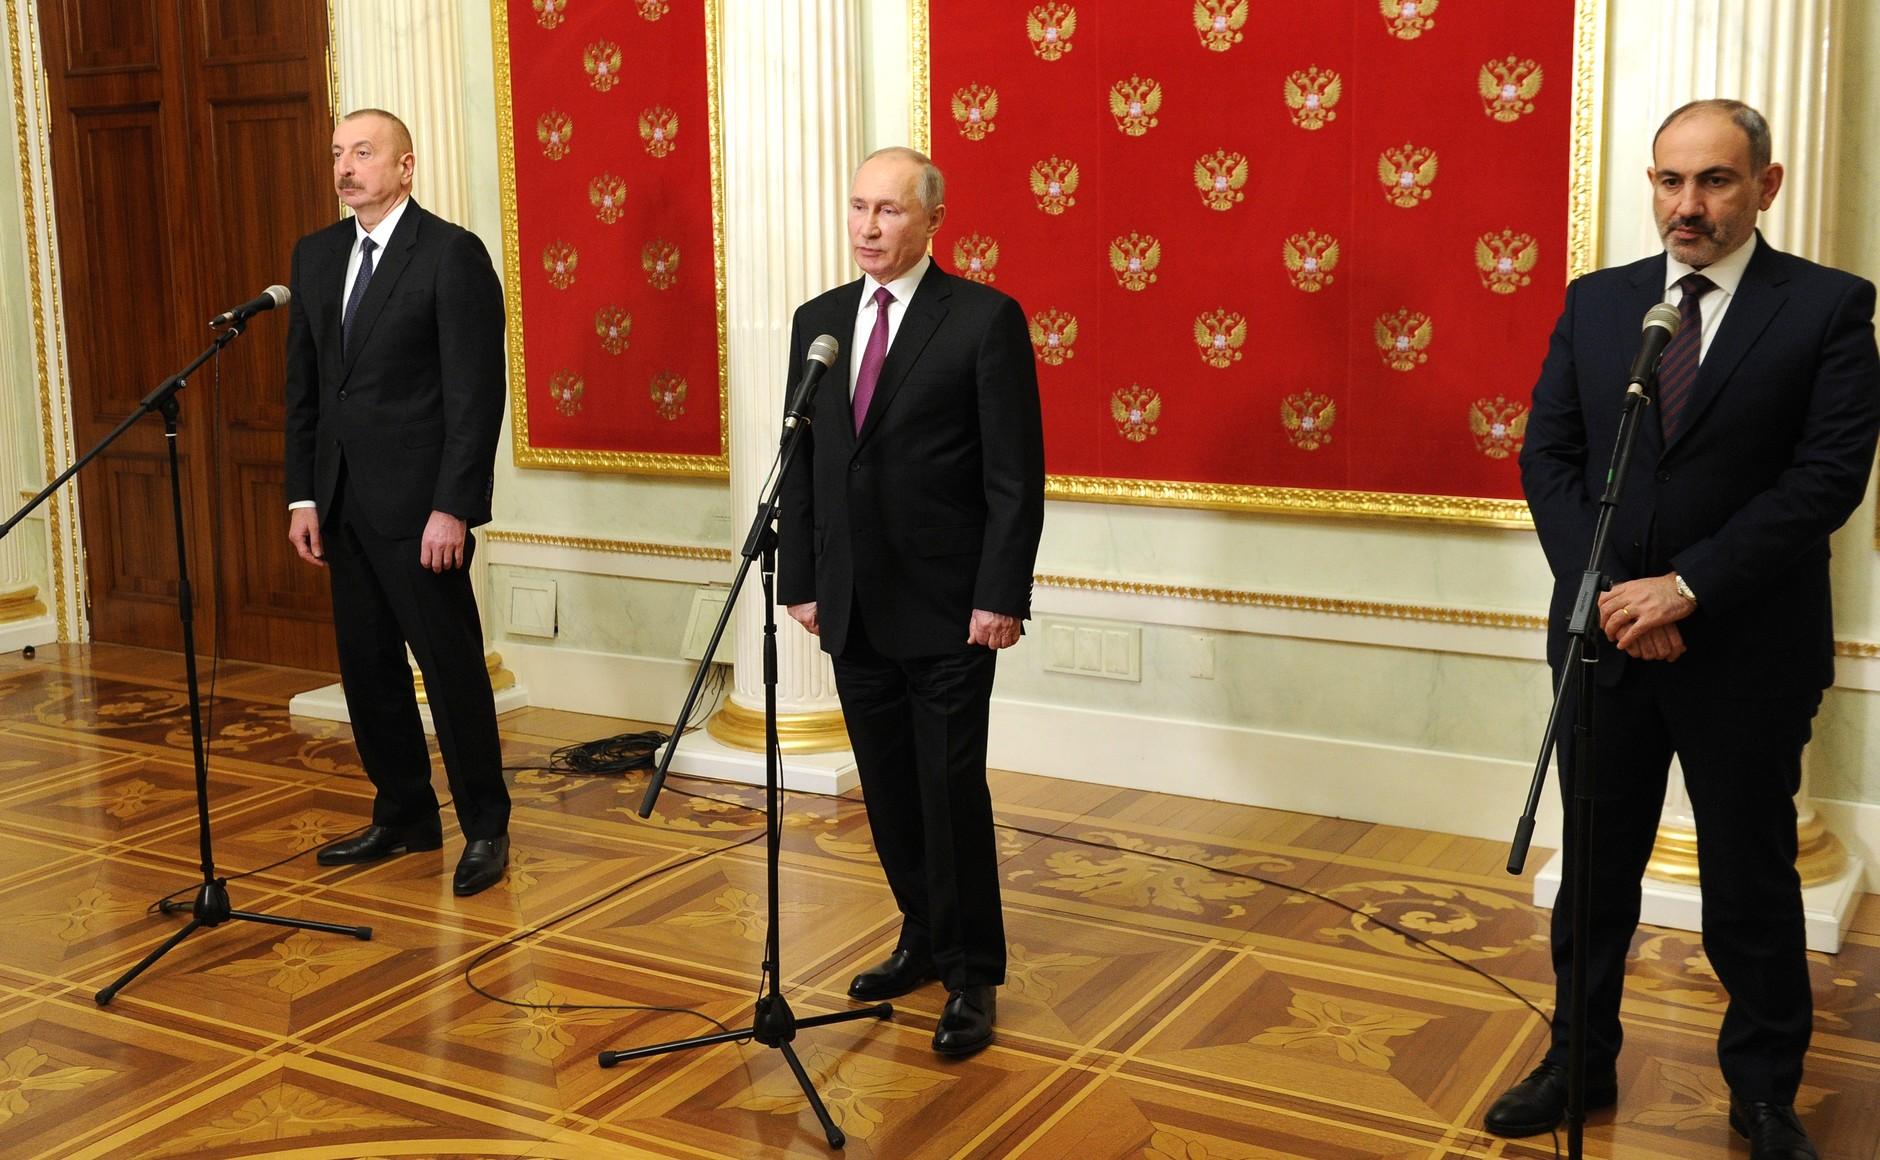 PH 1 SUR 5 Communiqués de presse à l'issue des entretiens avec le président azerbaïdjanais Ilham Aliyev et le Premier ministre arménien Nikol Pashinyan - 11 janvier 2021 – 17H50